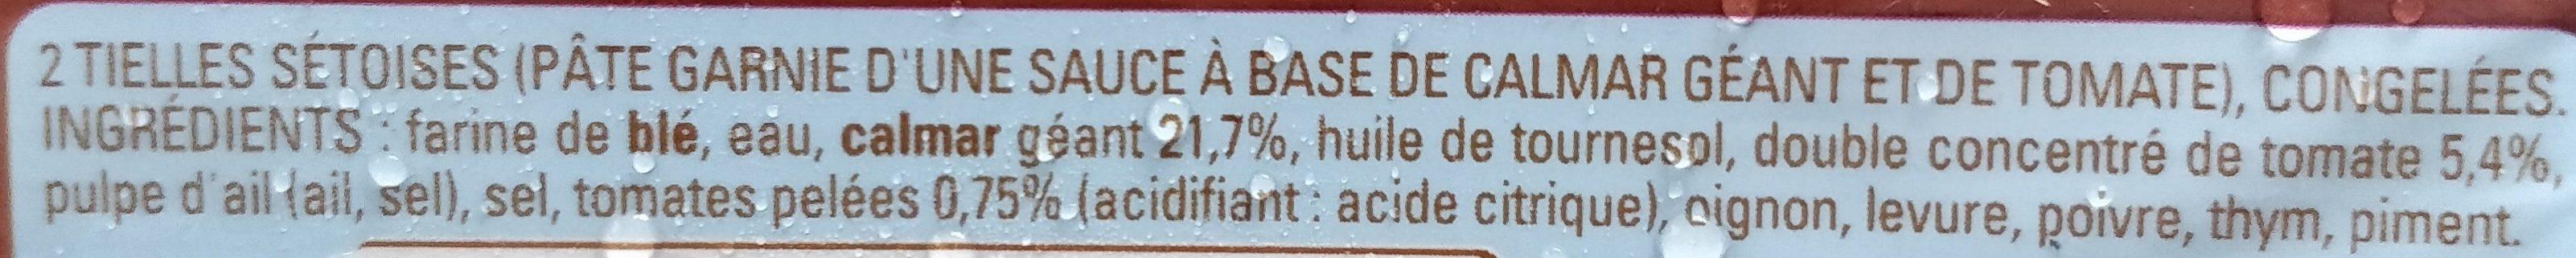 Tielles Sétoises - Ingredients